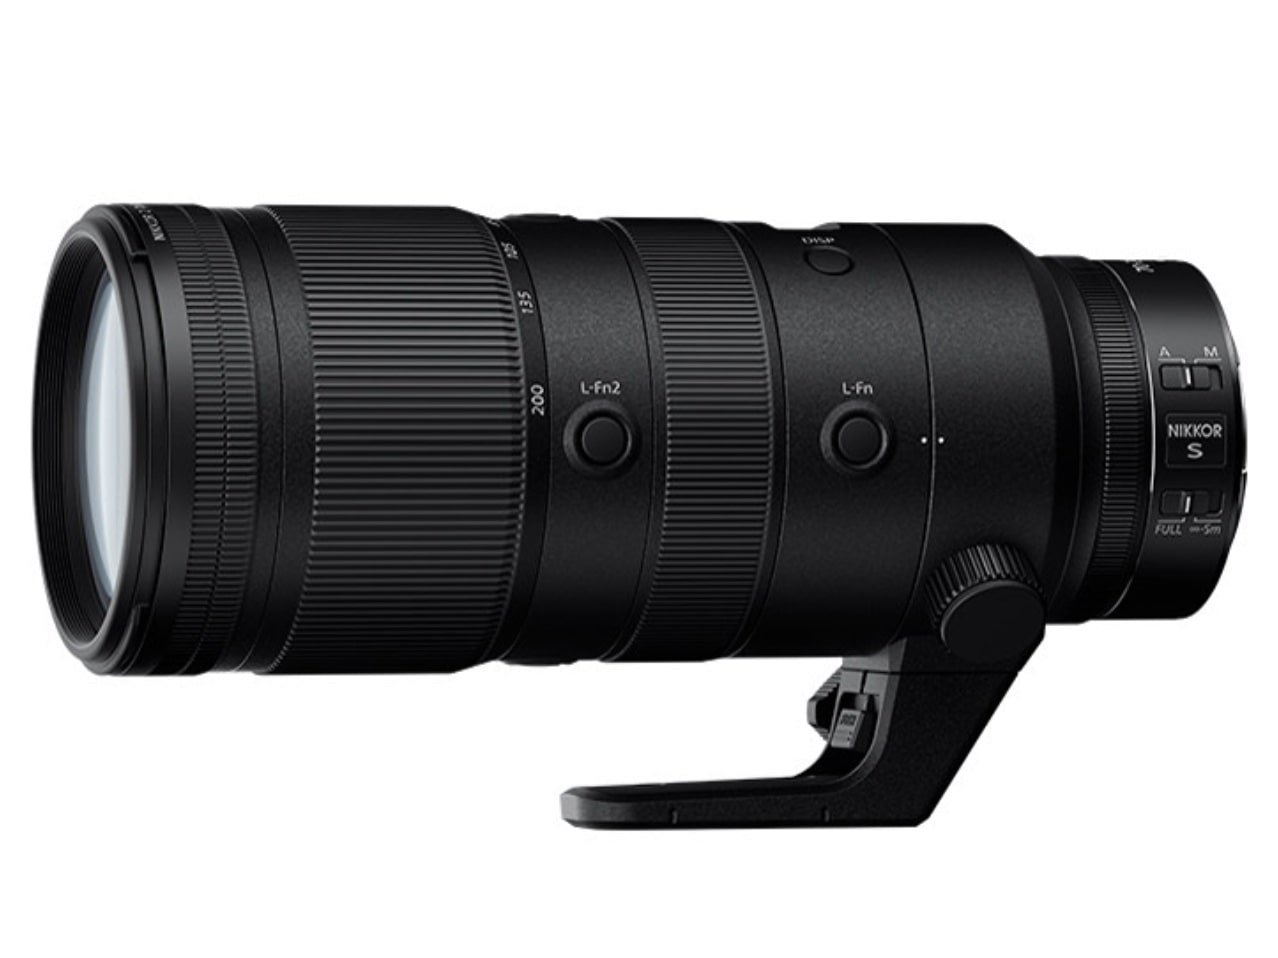 ニコン NIKKOR Z 70-200mm f/2.8 VR S